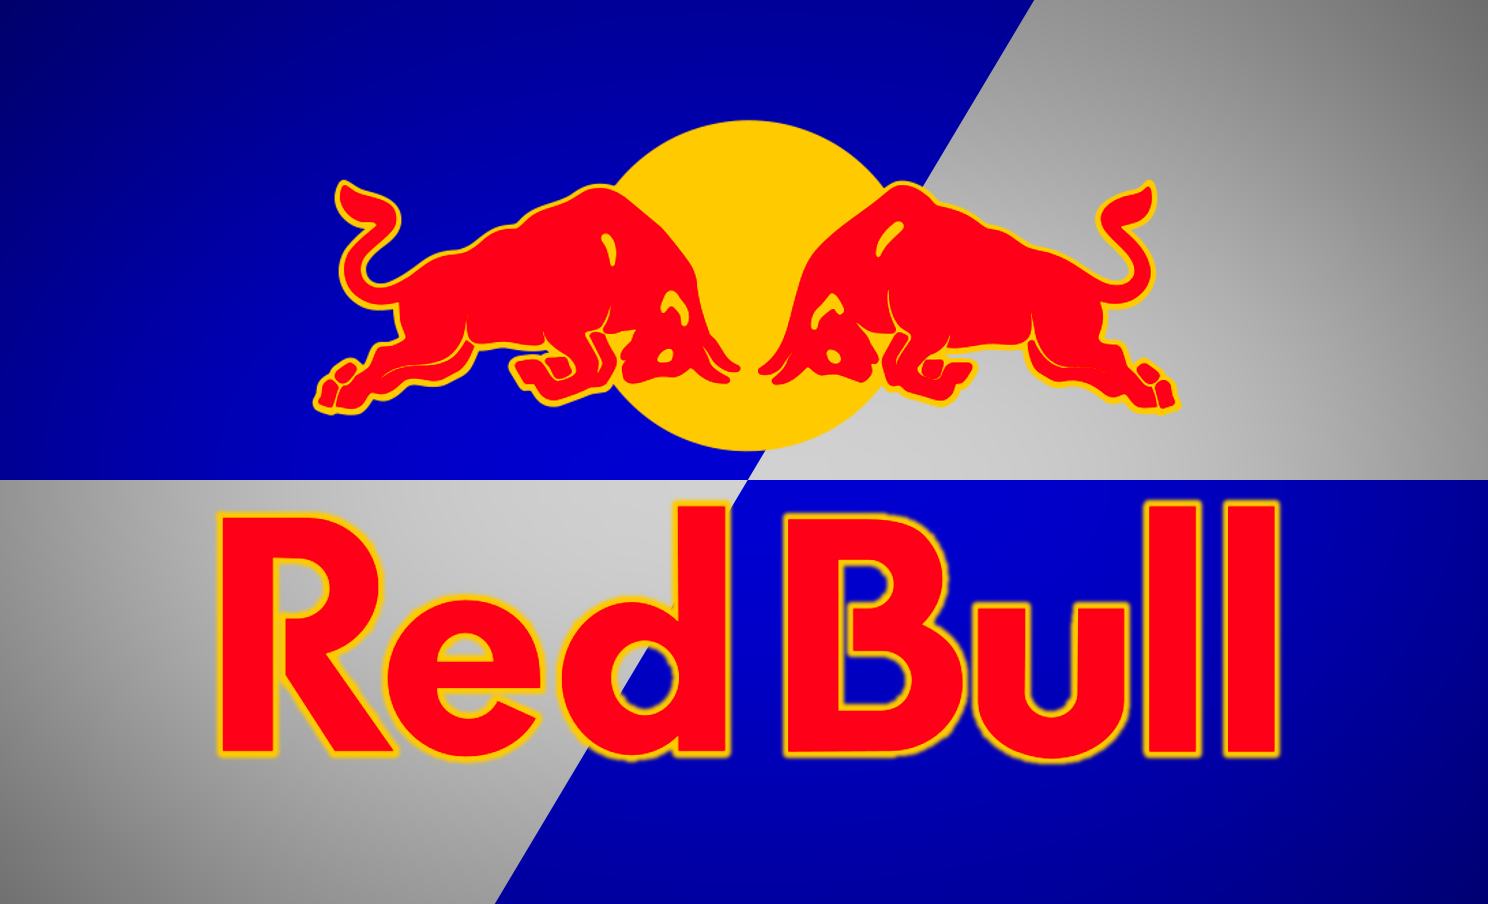 energy red bull png logo #2835